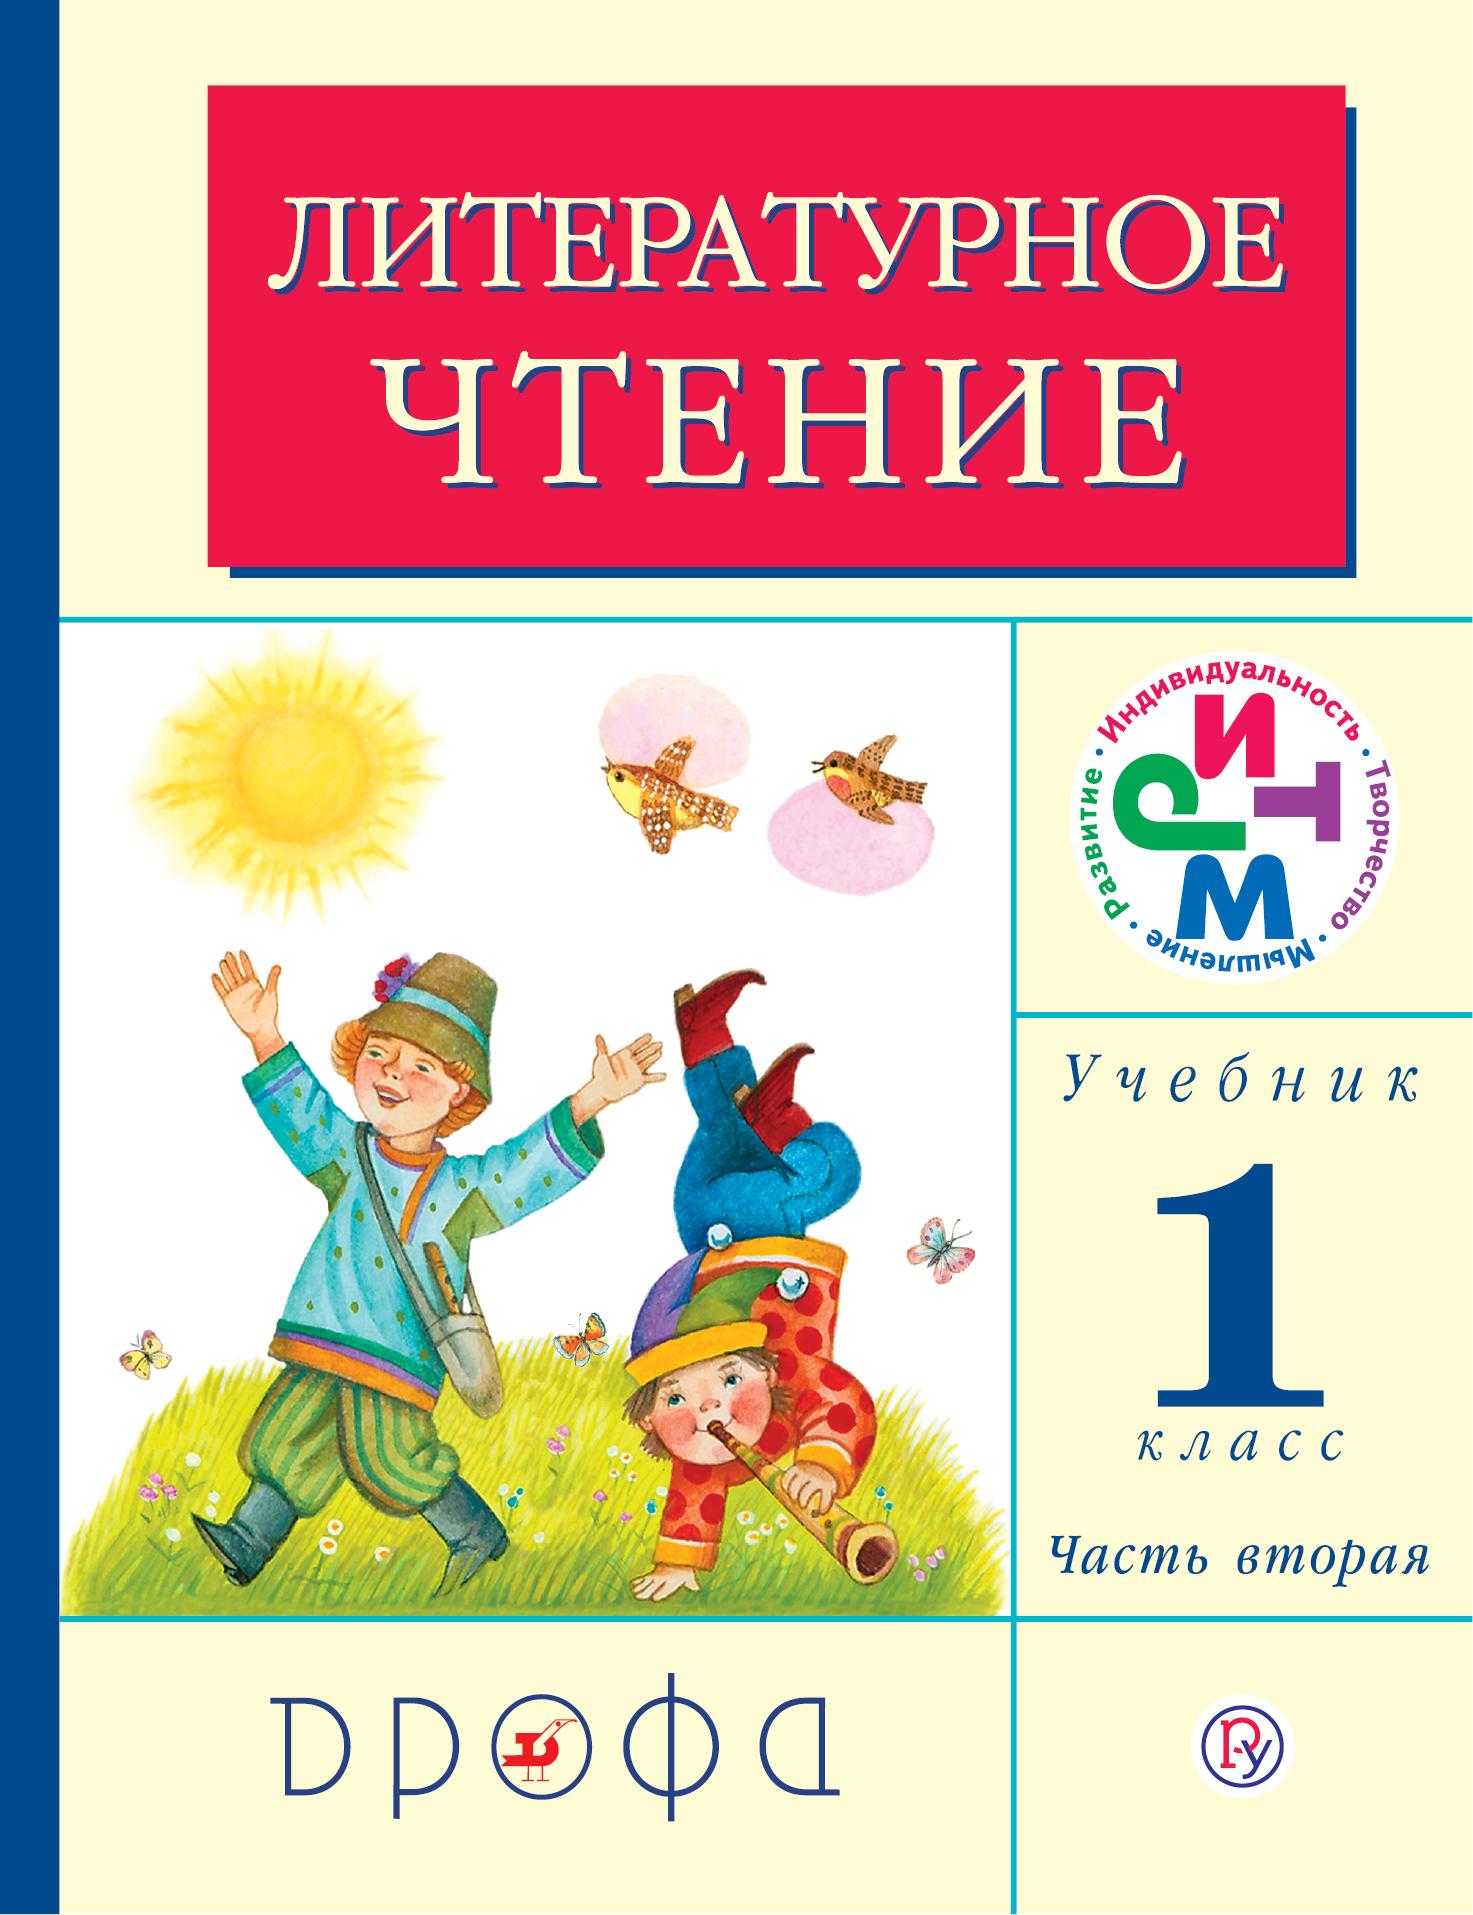 Г. М. Грехнева, К. Е. Корепова Литературное чтение. 1 класс. Учебник. В 2 частях. Часть 2